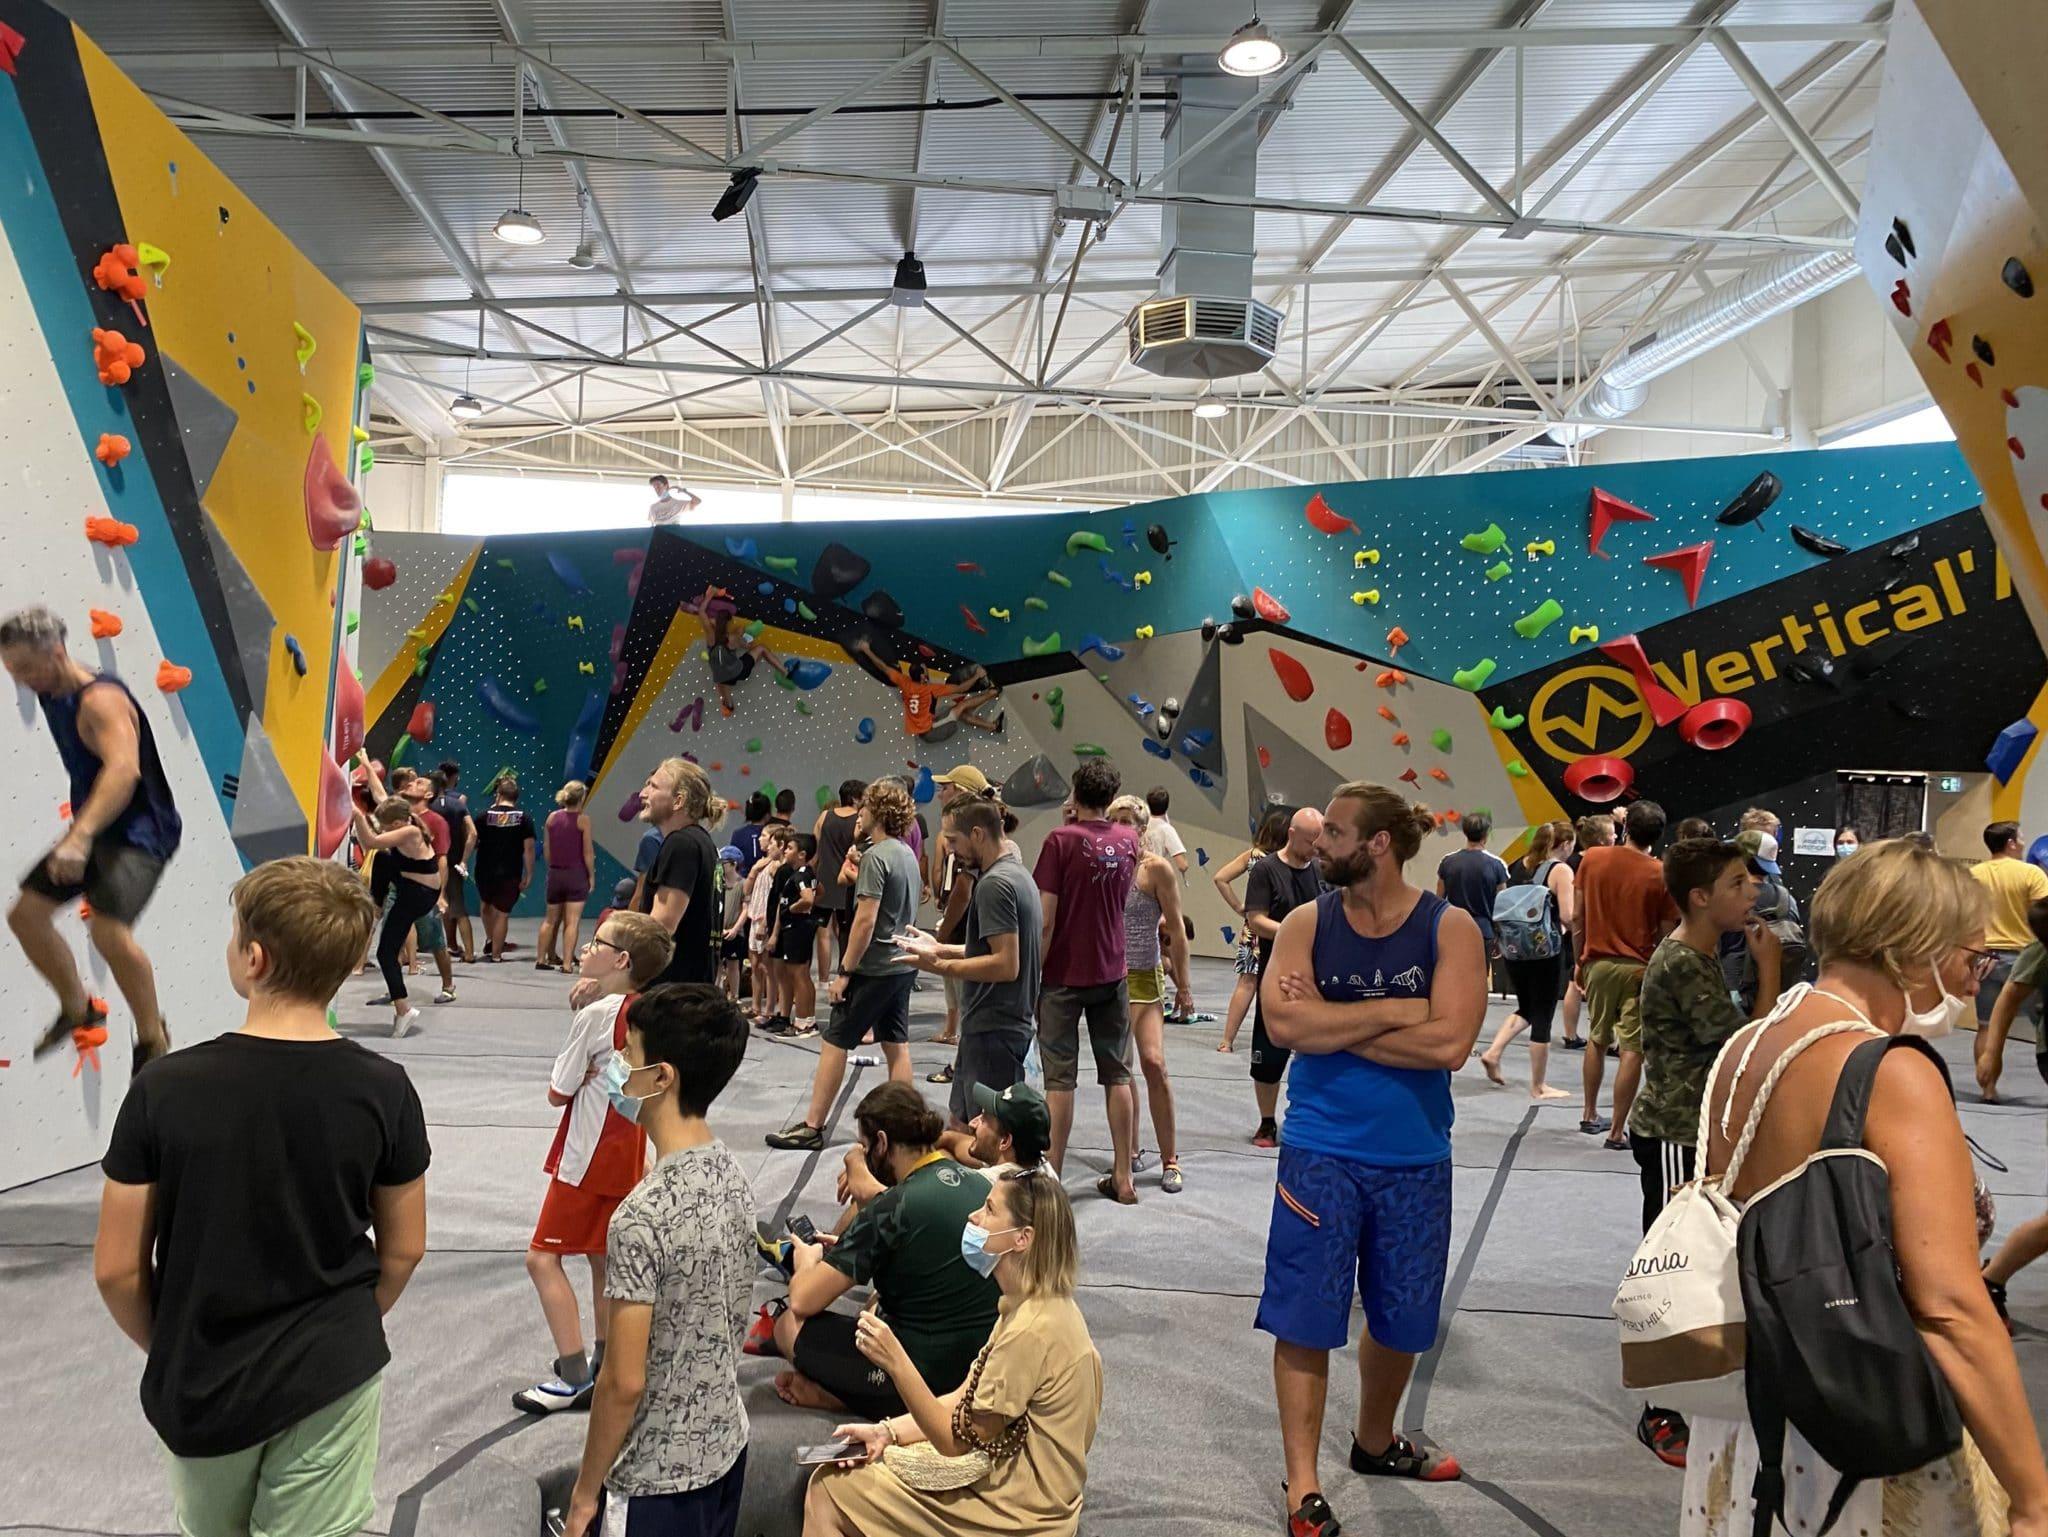 Salle d'escalade Toulon. Plus grande salle d'escalade du Var. Grimpeurs. Vertical'Art Toulon